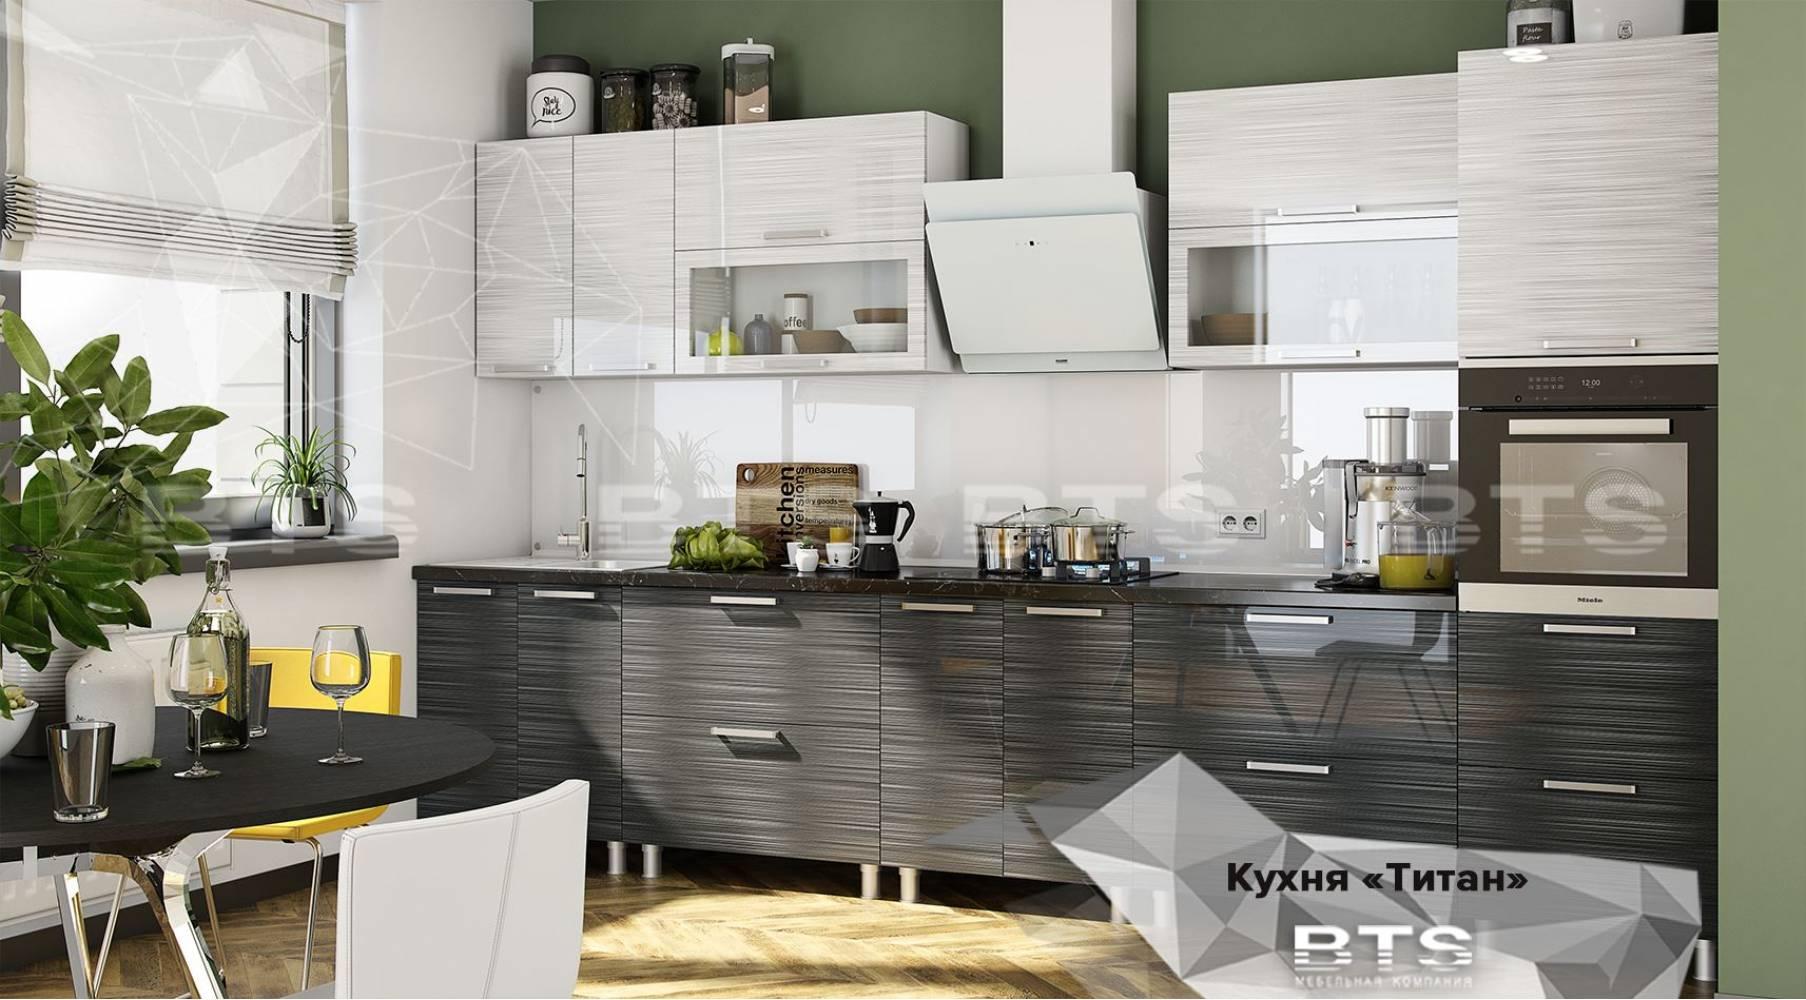 Кухонный гарнитур Титан. Вариант 1